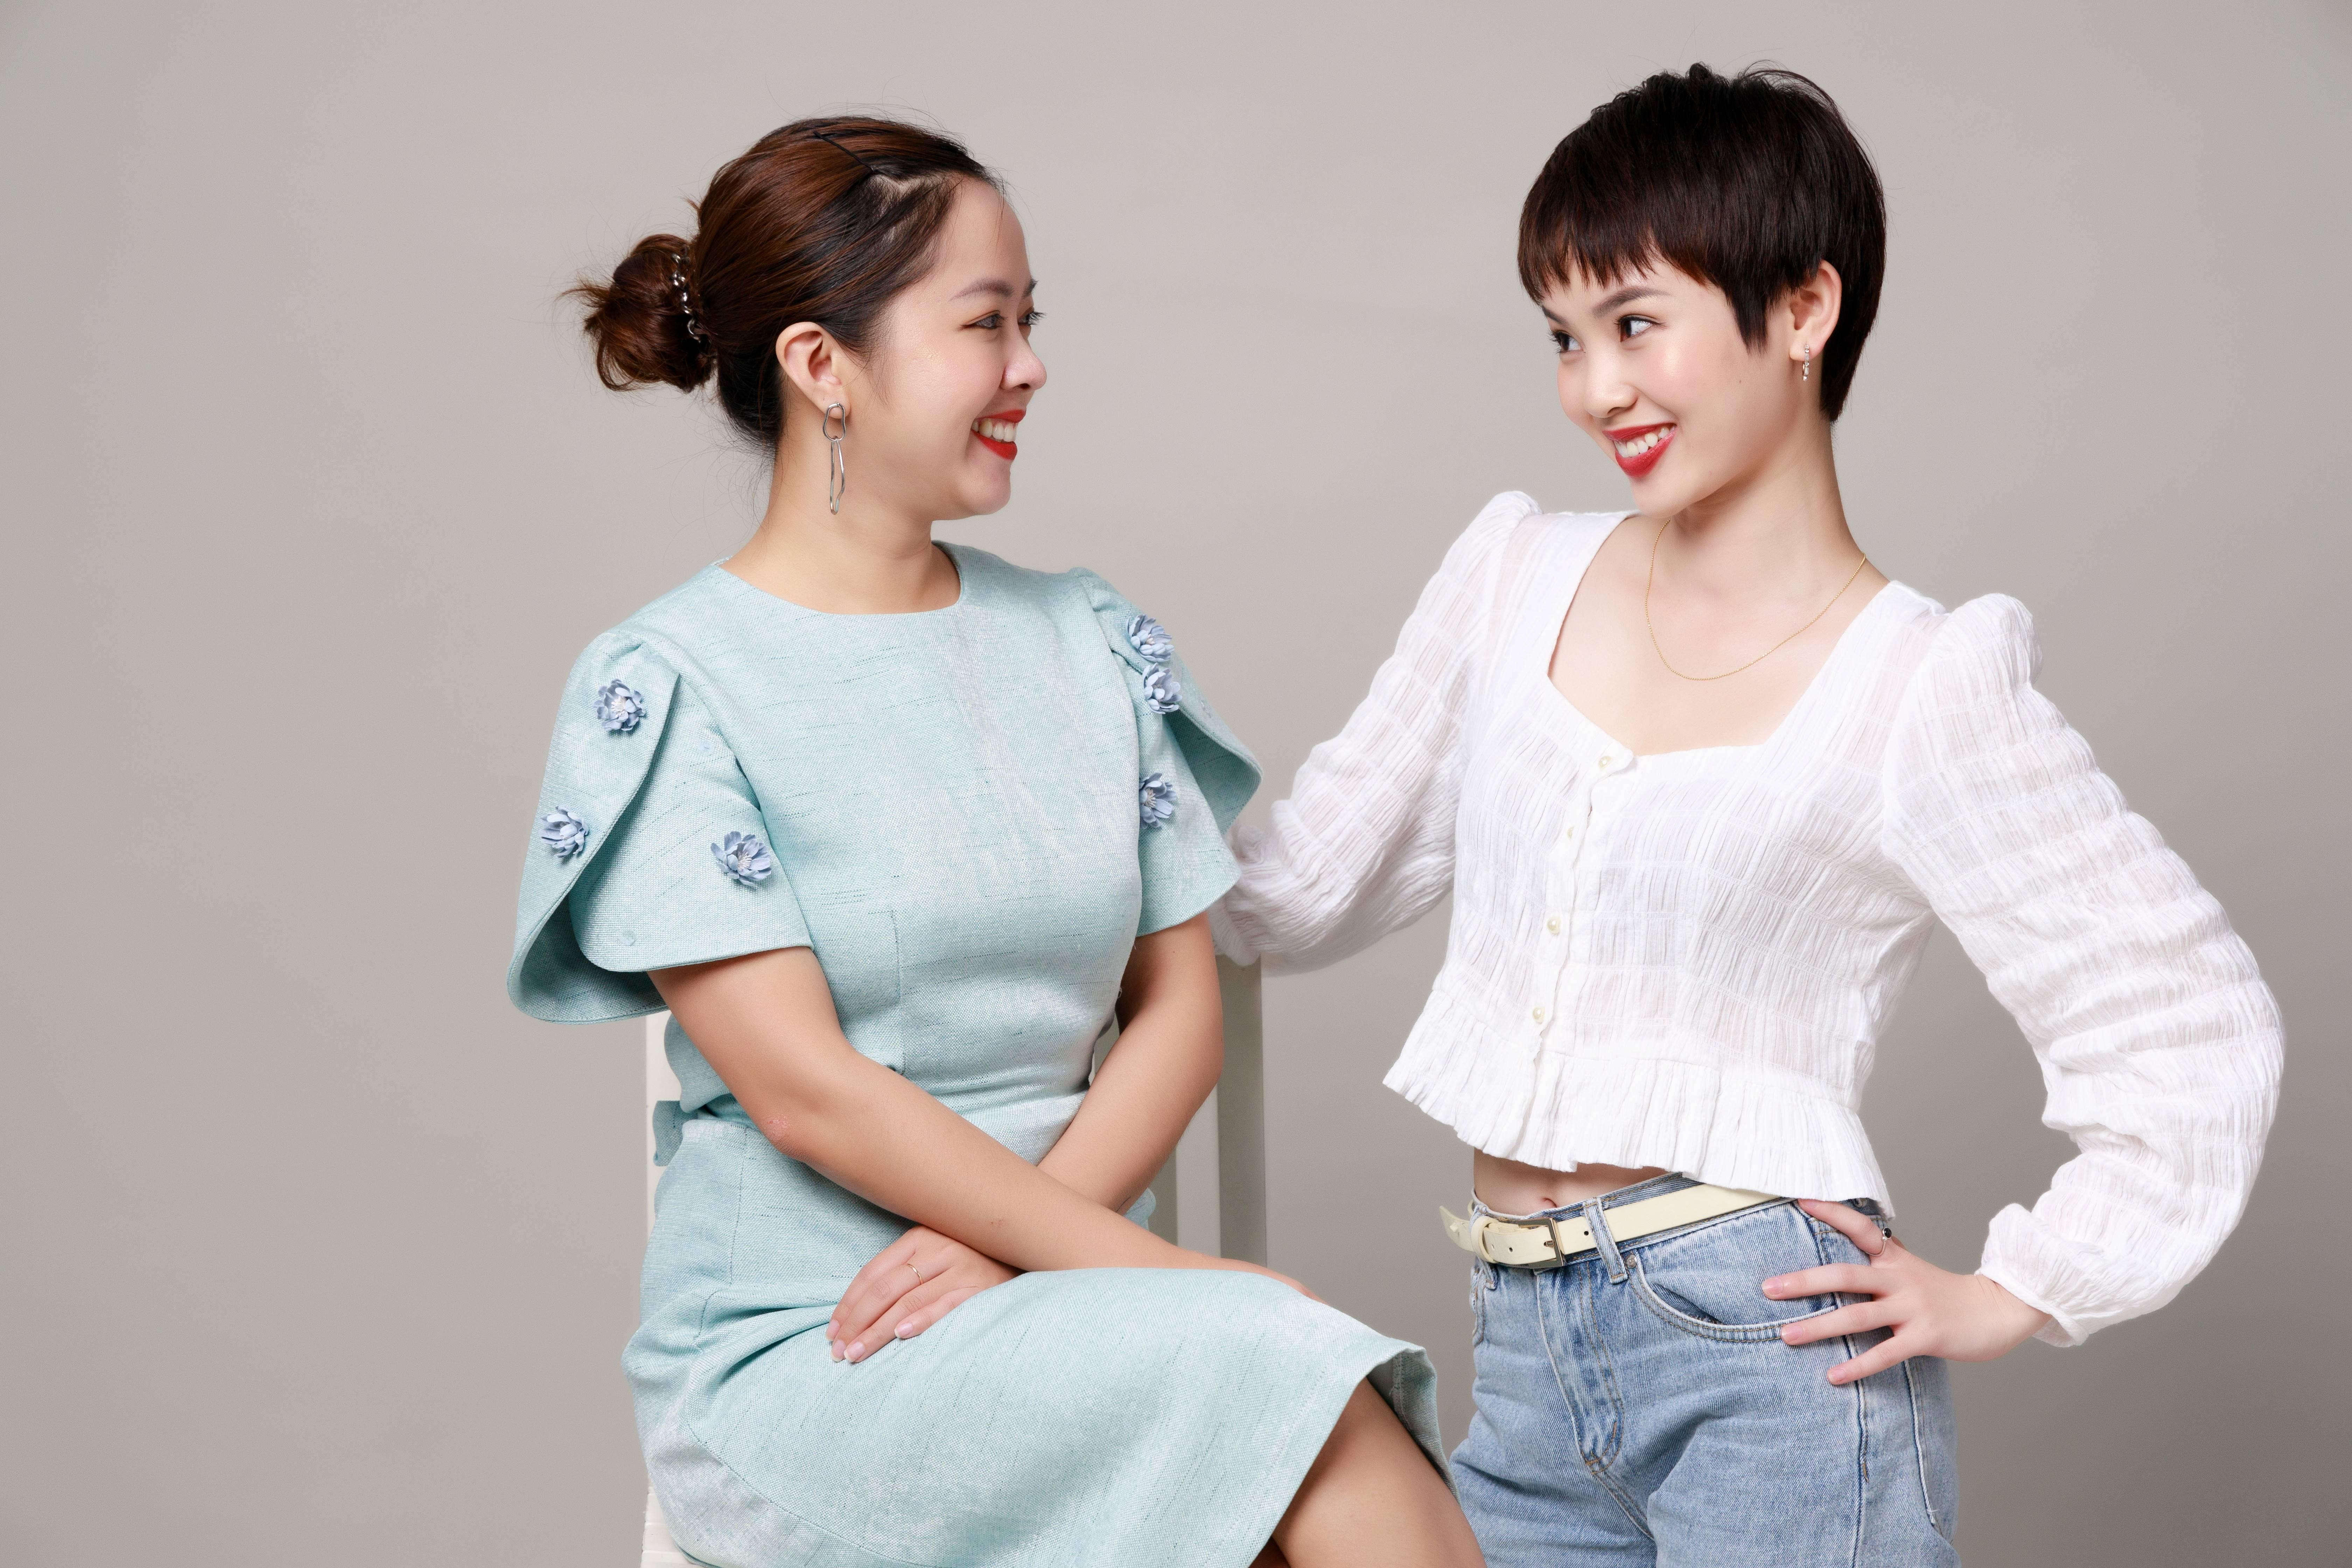 Phía sau câu chuyện thành công của thương hiệu Việt - BareSoul Cosme khiến giới trẻ thích thú - Ảnh 2.